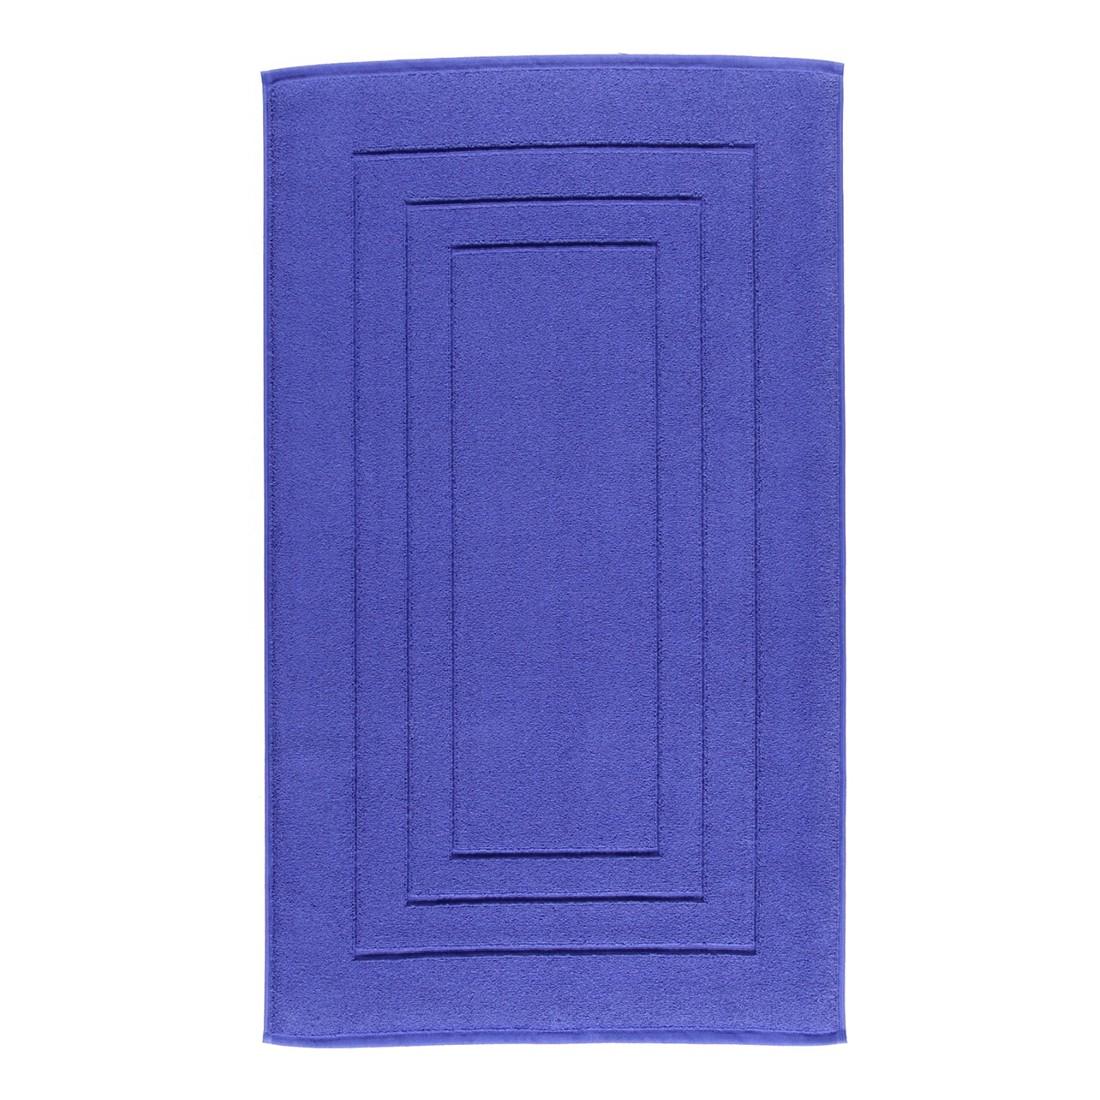 Badteppich Calypso Feeling – 100% Baumwolle reflex blue – 479 – Abmessungen: 60 x 60 cm, Vossen günstig online kaufen